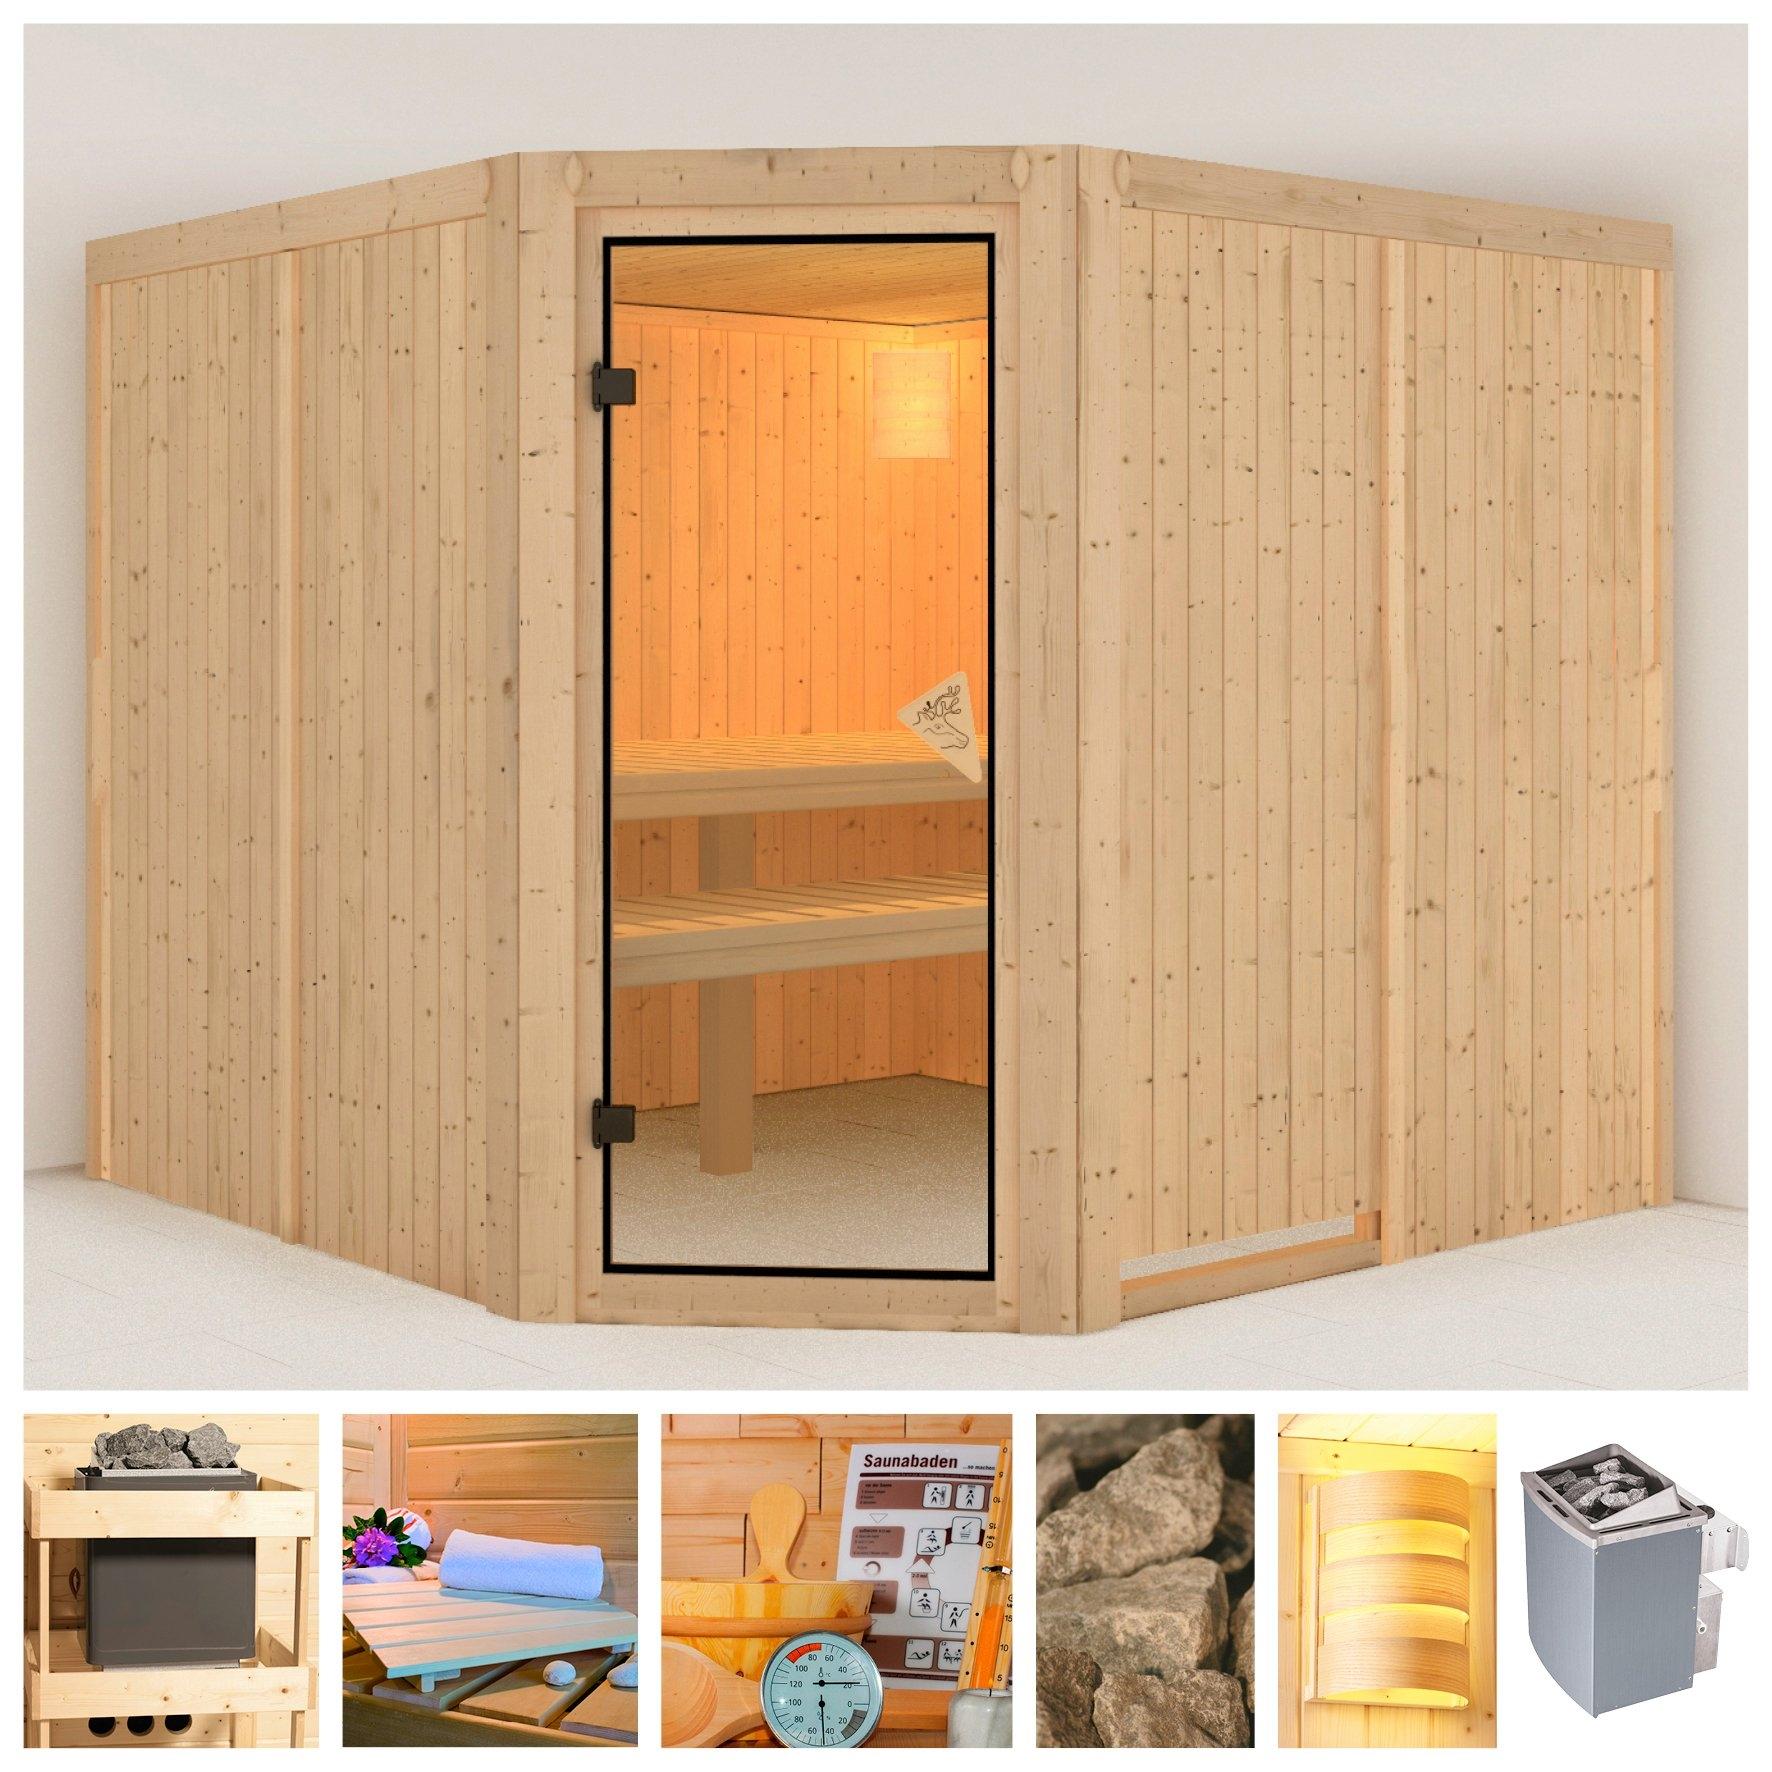 Op zoek naar een KONIFERA sauna »Manuela«, 231/231/198 cm, 68 mm, 9-kW-Ofen mit int. Steuerung? Koop online bij OTTO